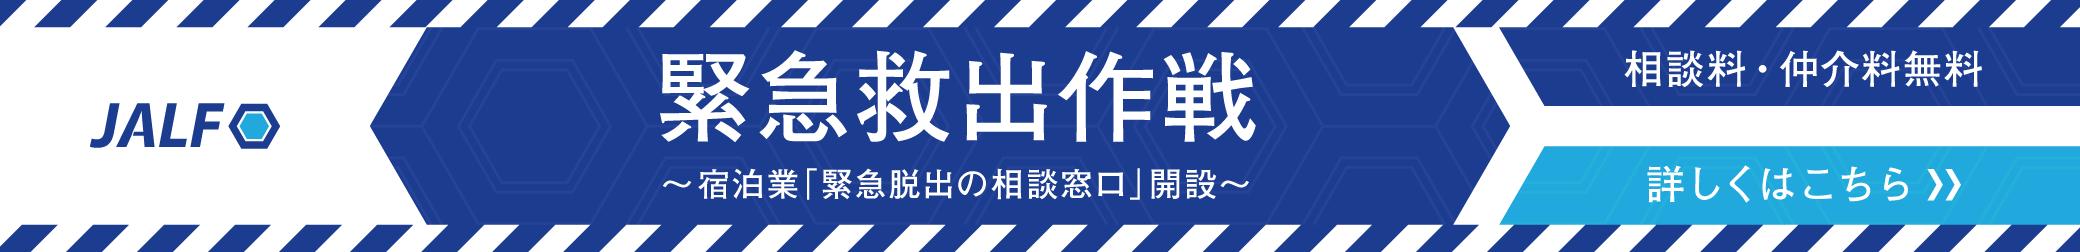 「緊急救出作戦」〜宿泊業「緊急脱出の相談窓口」開設〜